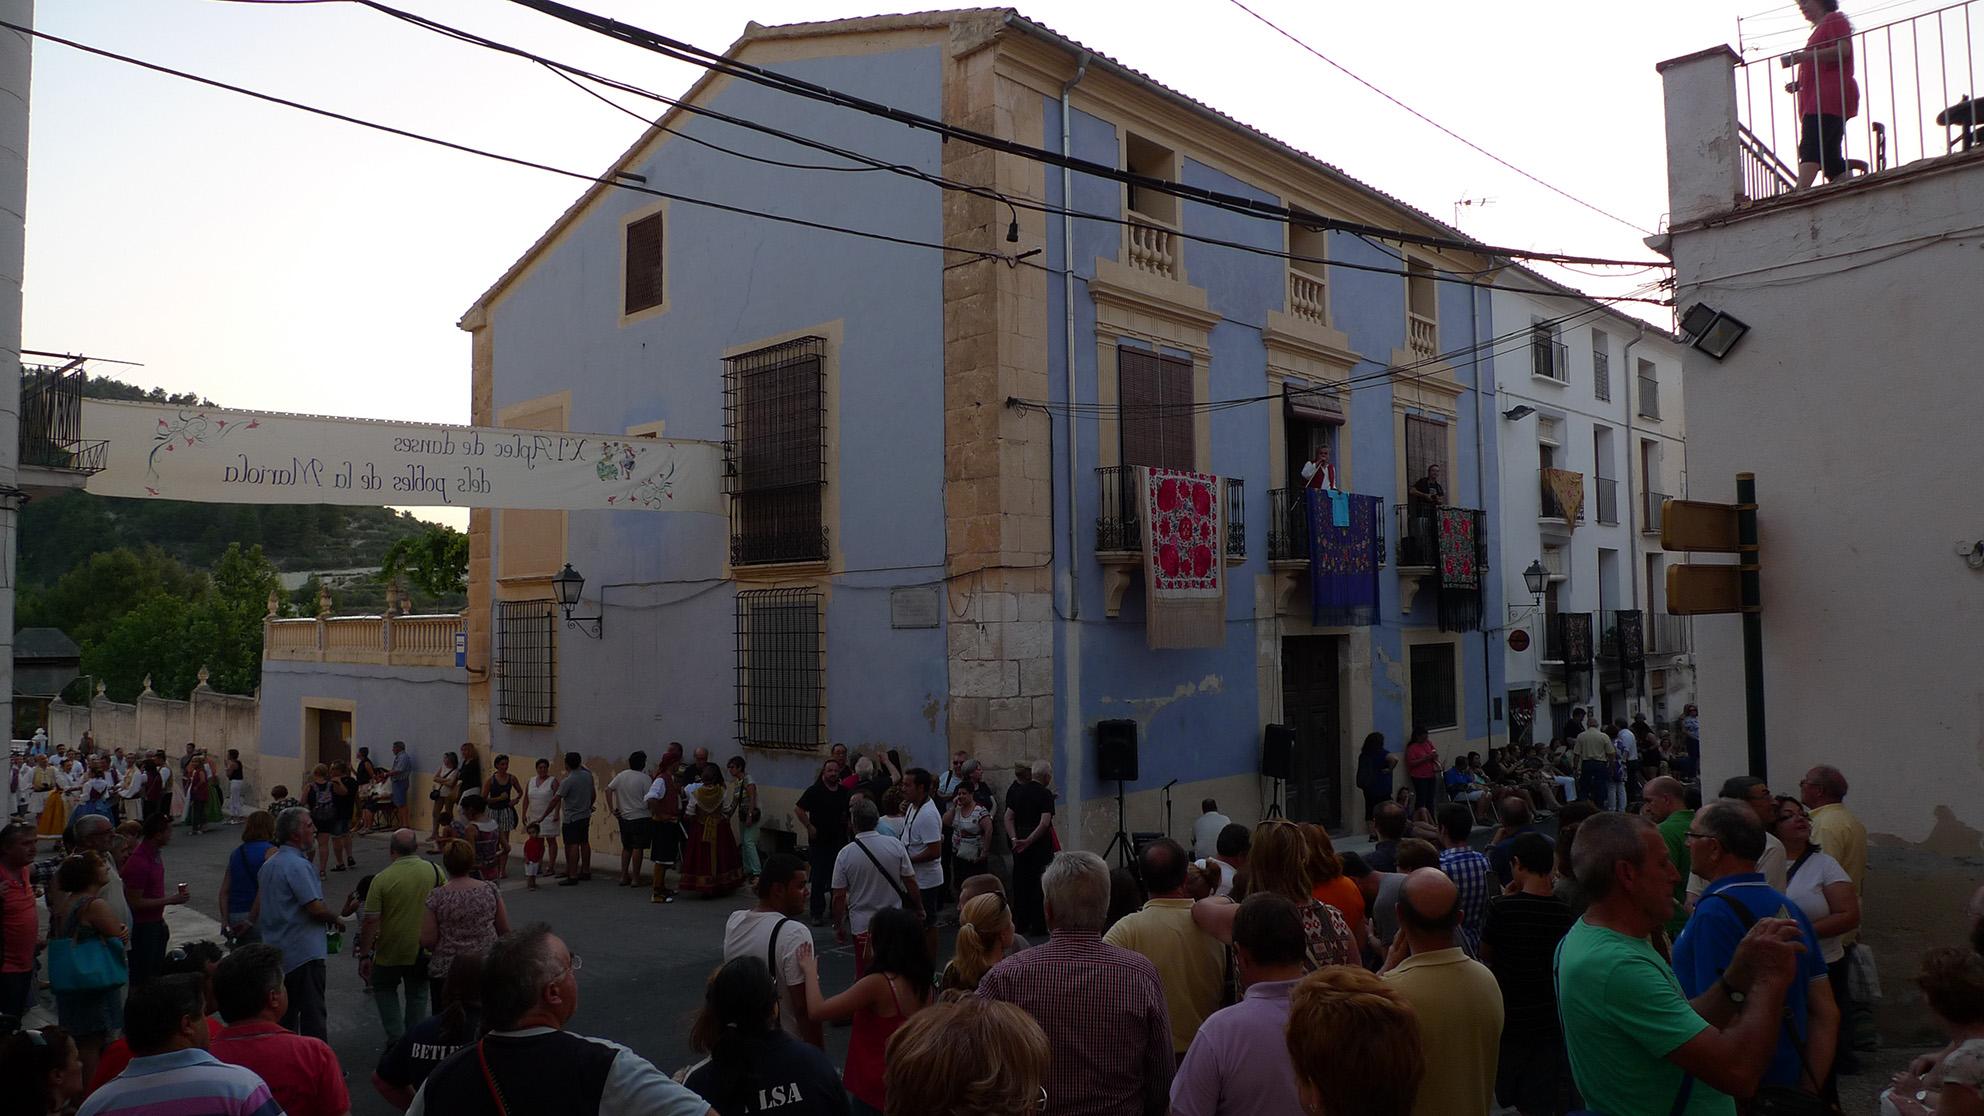 2015-07-04 AplecMariolaPenaguila (4)